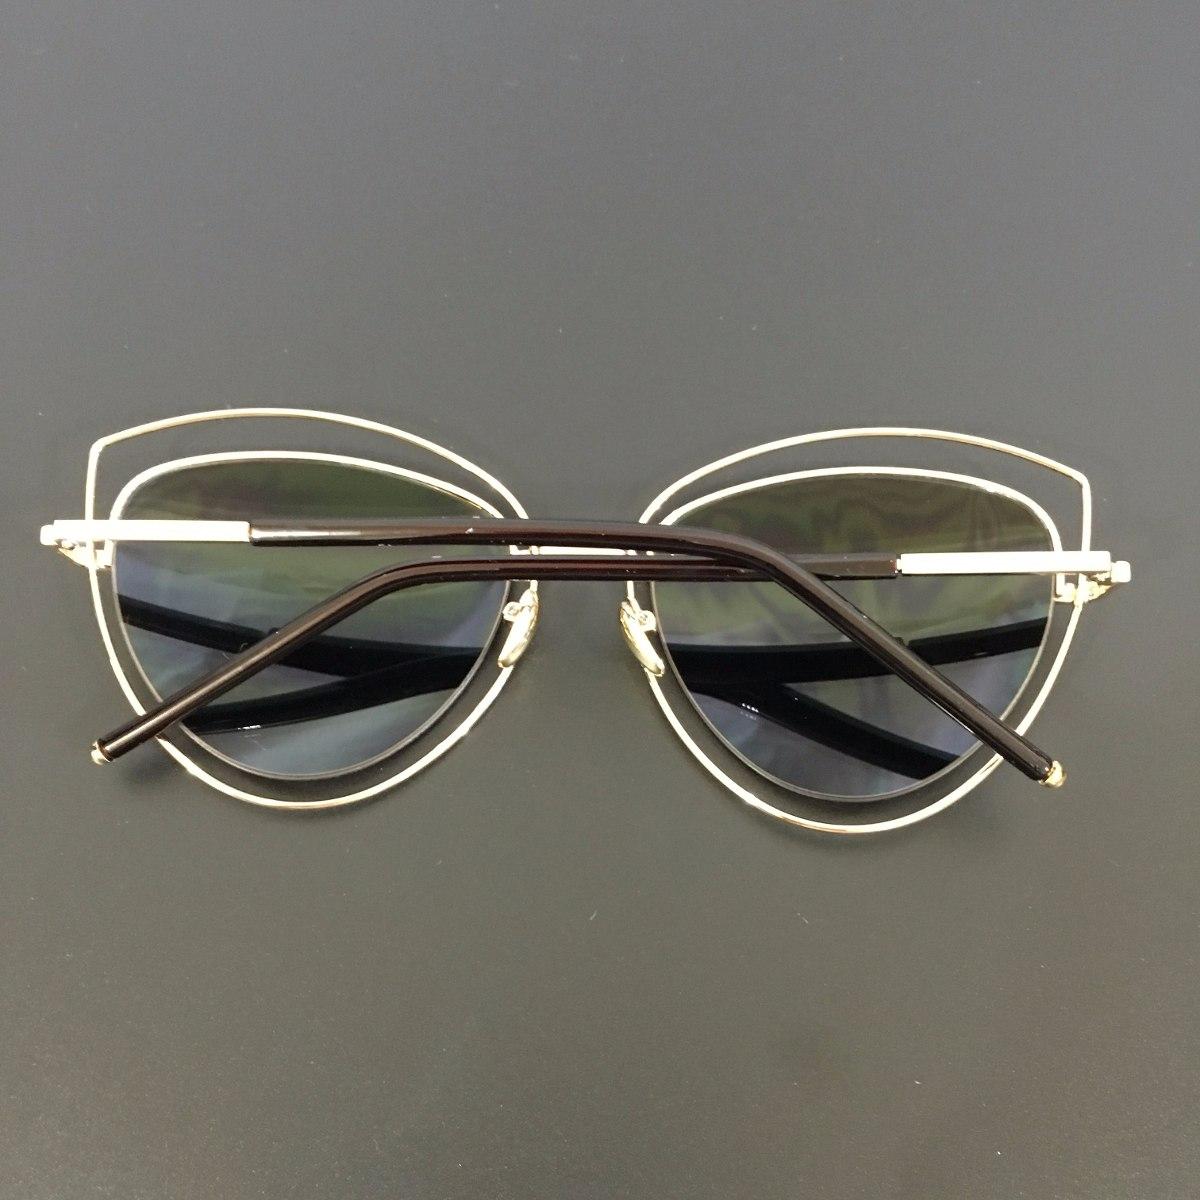 655aa9e3a193f óculos de sol espelhado feminino gato gatinho redondo metal. Carregando zoom .